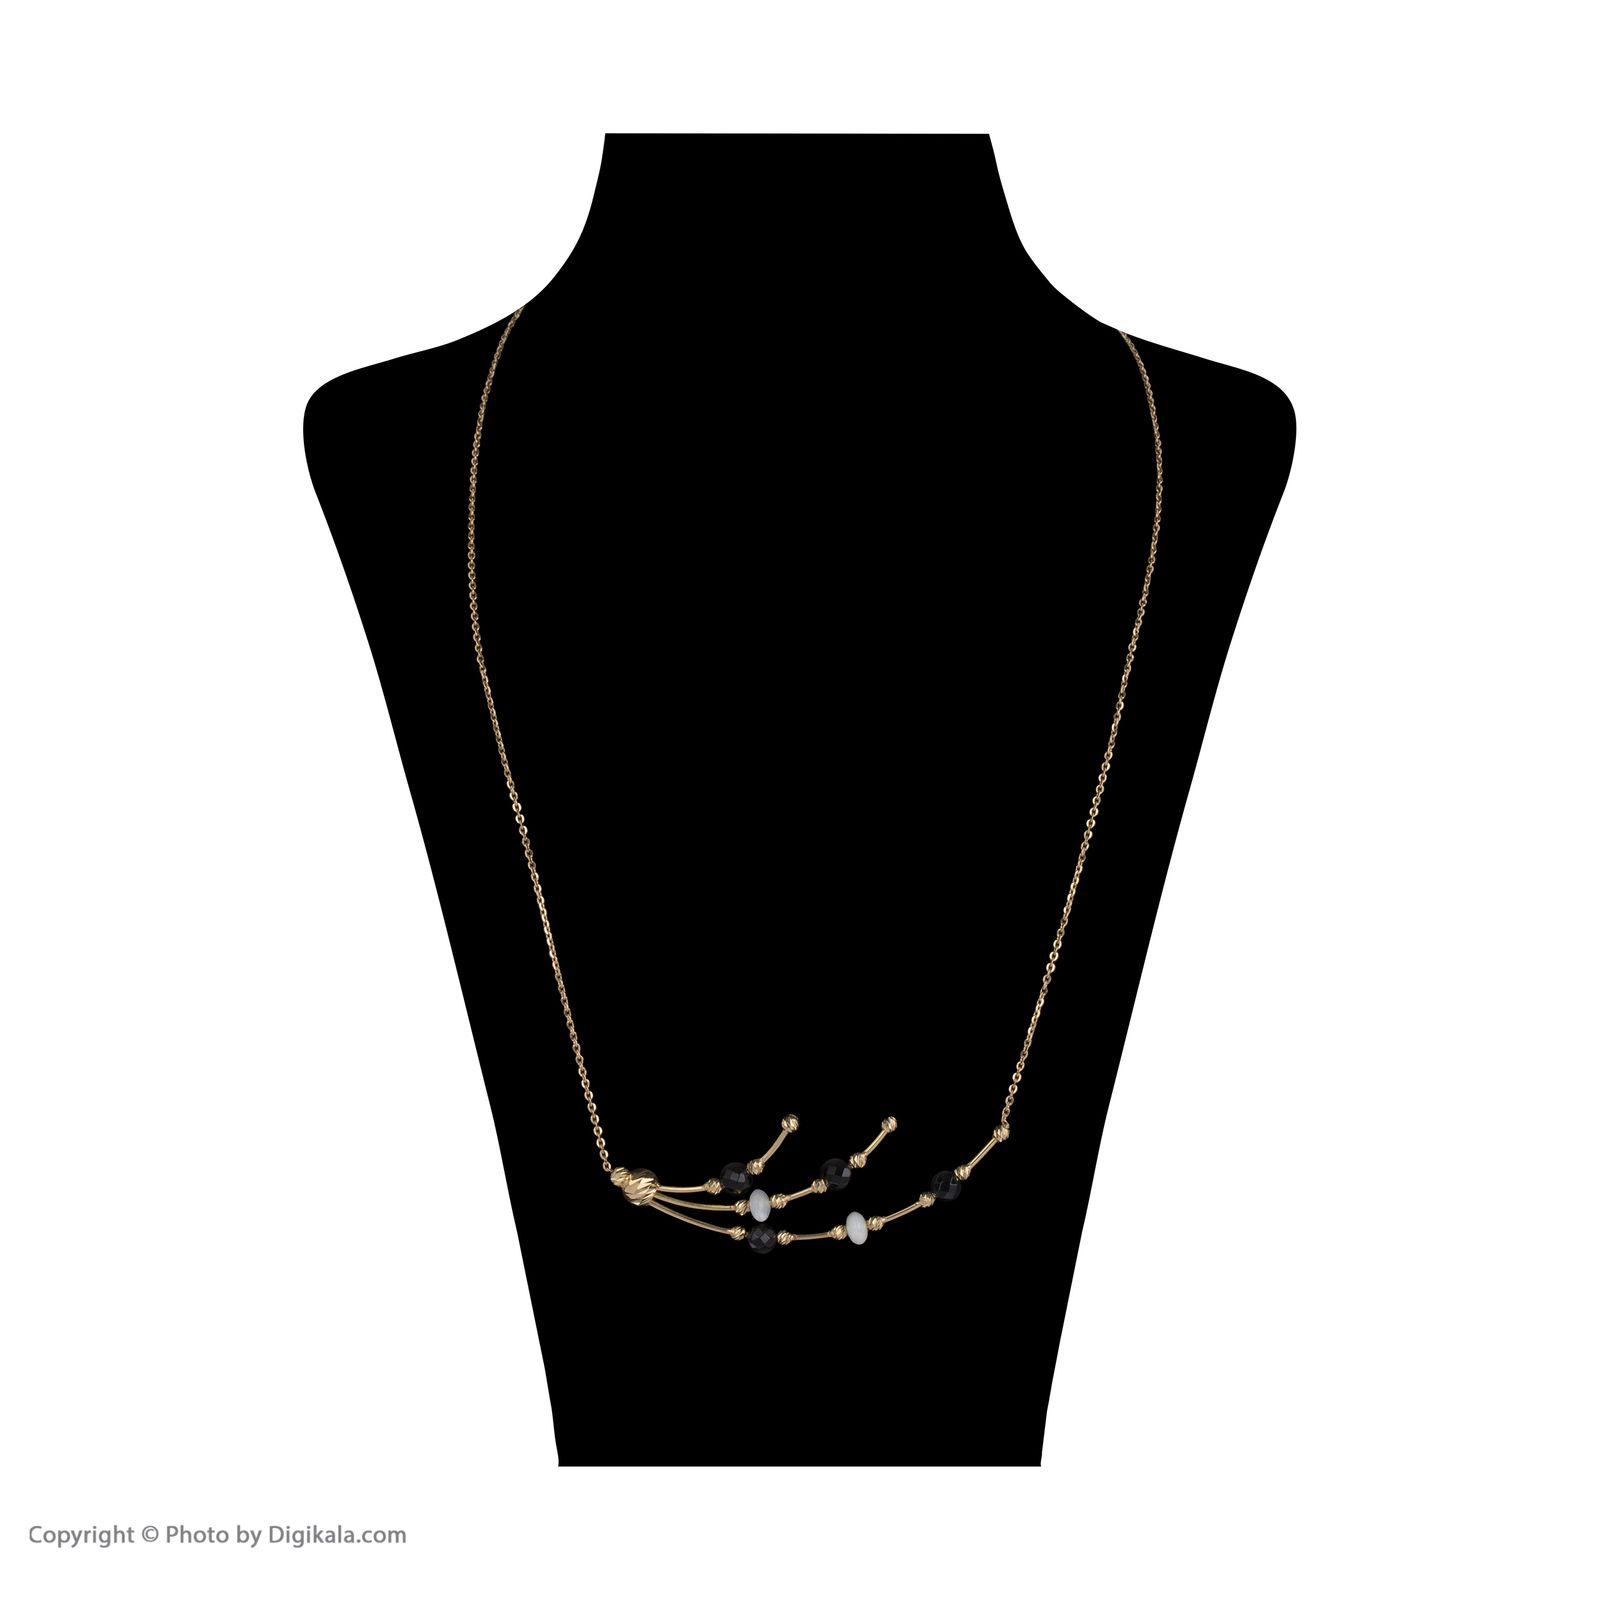 گردنبند طلا 18 عیار زنانه سیودو مدل 146427 -  - 3